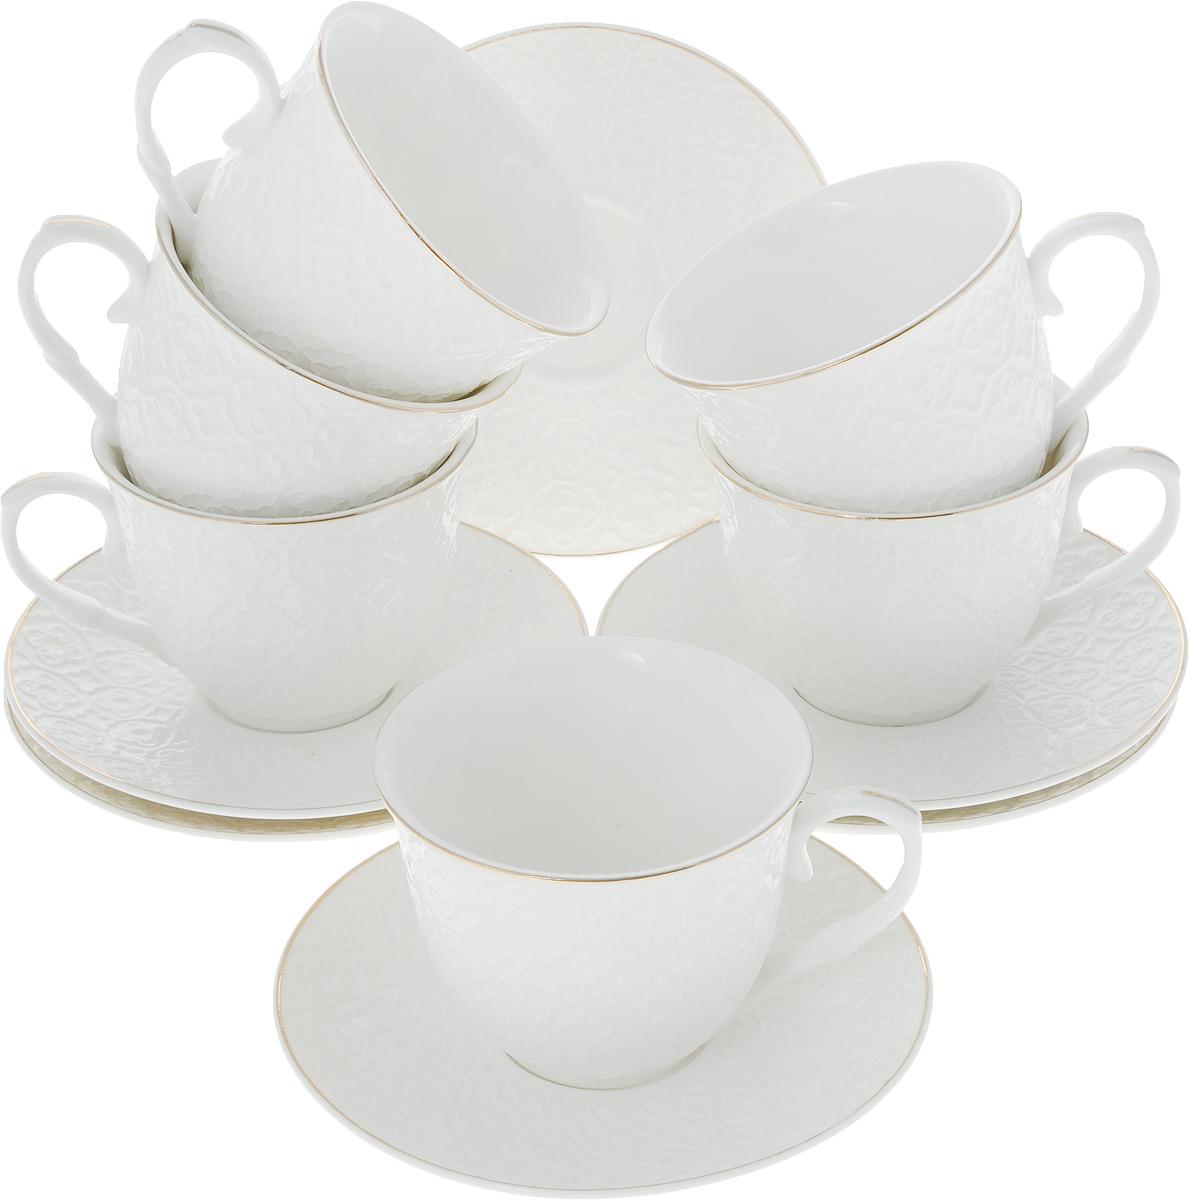 Сервиз чайный Loraine, 12 предметов. 2650426504Чайный сервиз Loraine на 6 персон выполнен из высококачественного костяного фарфора - материала, безопасного для здоровья и надолго сохраняющего тепло напитка. В наборе 6 чашек и 6 блюдец. Несмотря на свою внешнюю хрупкость, каждый из предметов набора обладает высокой прочностью и надежностью.Изделия украшены тонкой золотой каймой, внешние стенки дополнены изысканным рельефным орнаментом. Такой чайный набор станет украшением стола, а процесс чаепития превратится в одно удовольствие! Набор упакован в подарочную коробку, поэтому его можно преподнести в качестве оригинального и практичного подарка для родных и близких.Объем чашки: 200 мл.Диаметр чашки (по верхнему краю): 8,5 см.Высота чашки: 7 см.Диаметр блюдца: 13,5 см.